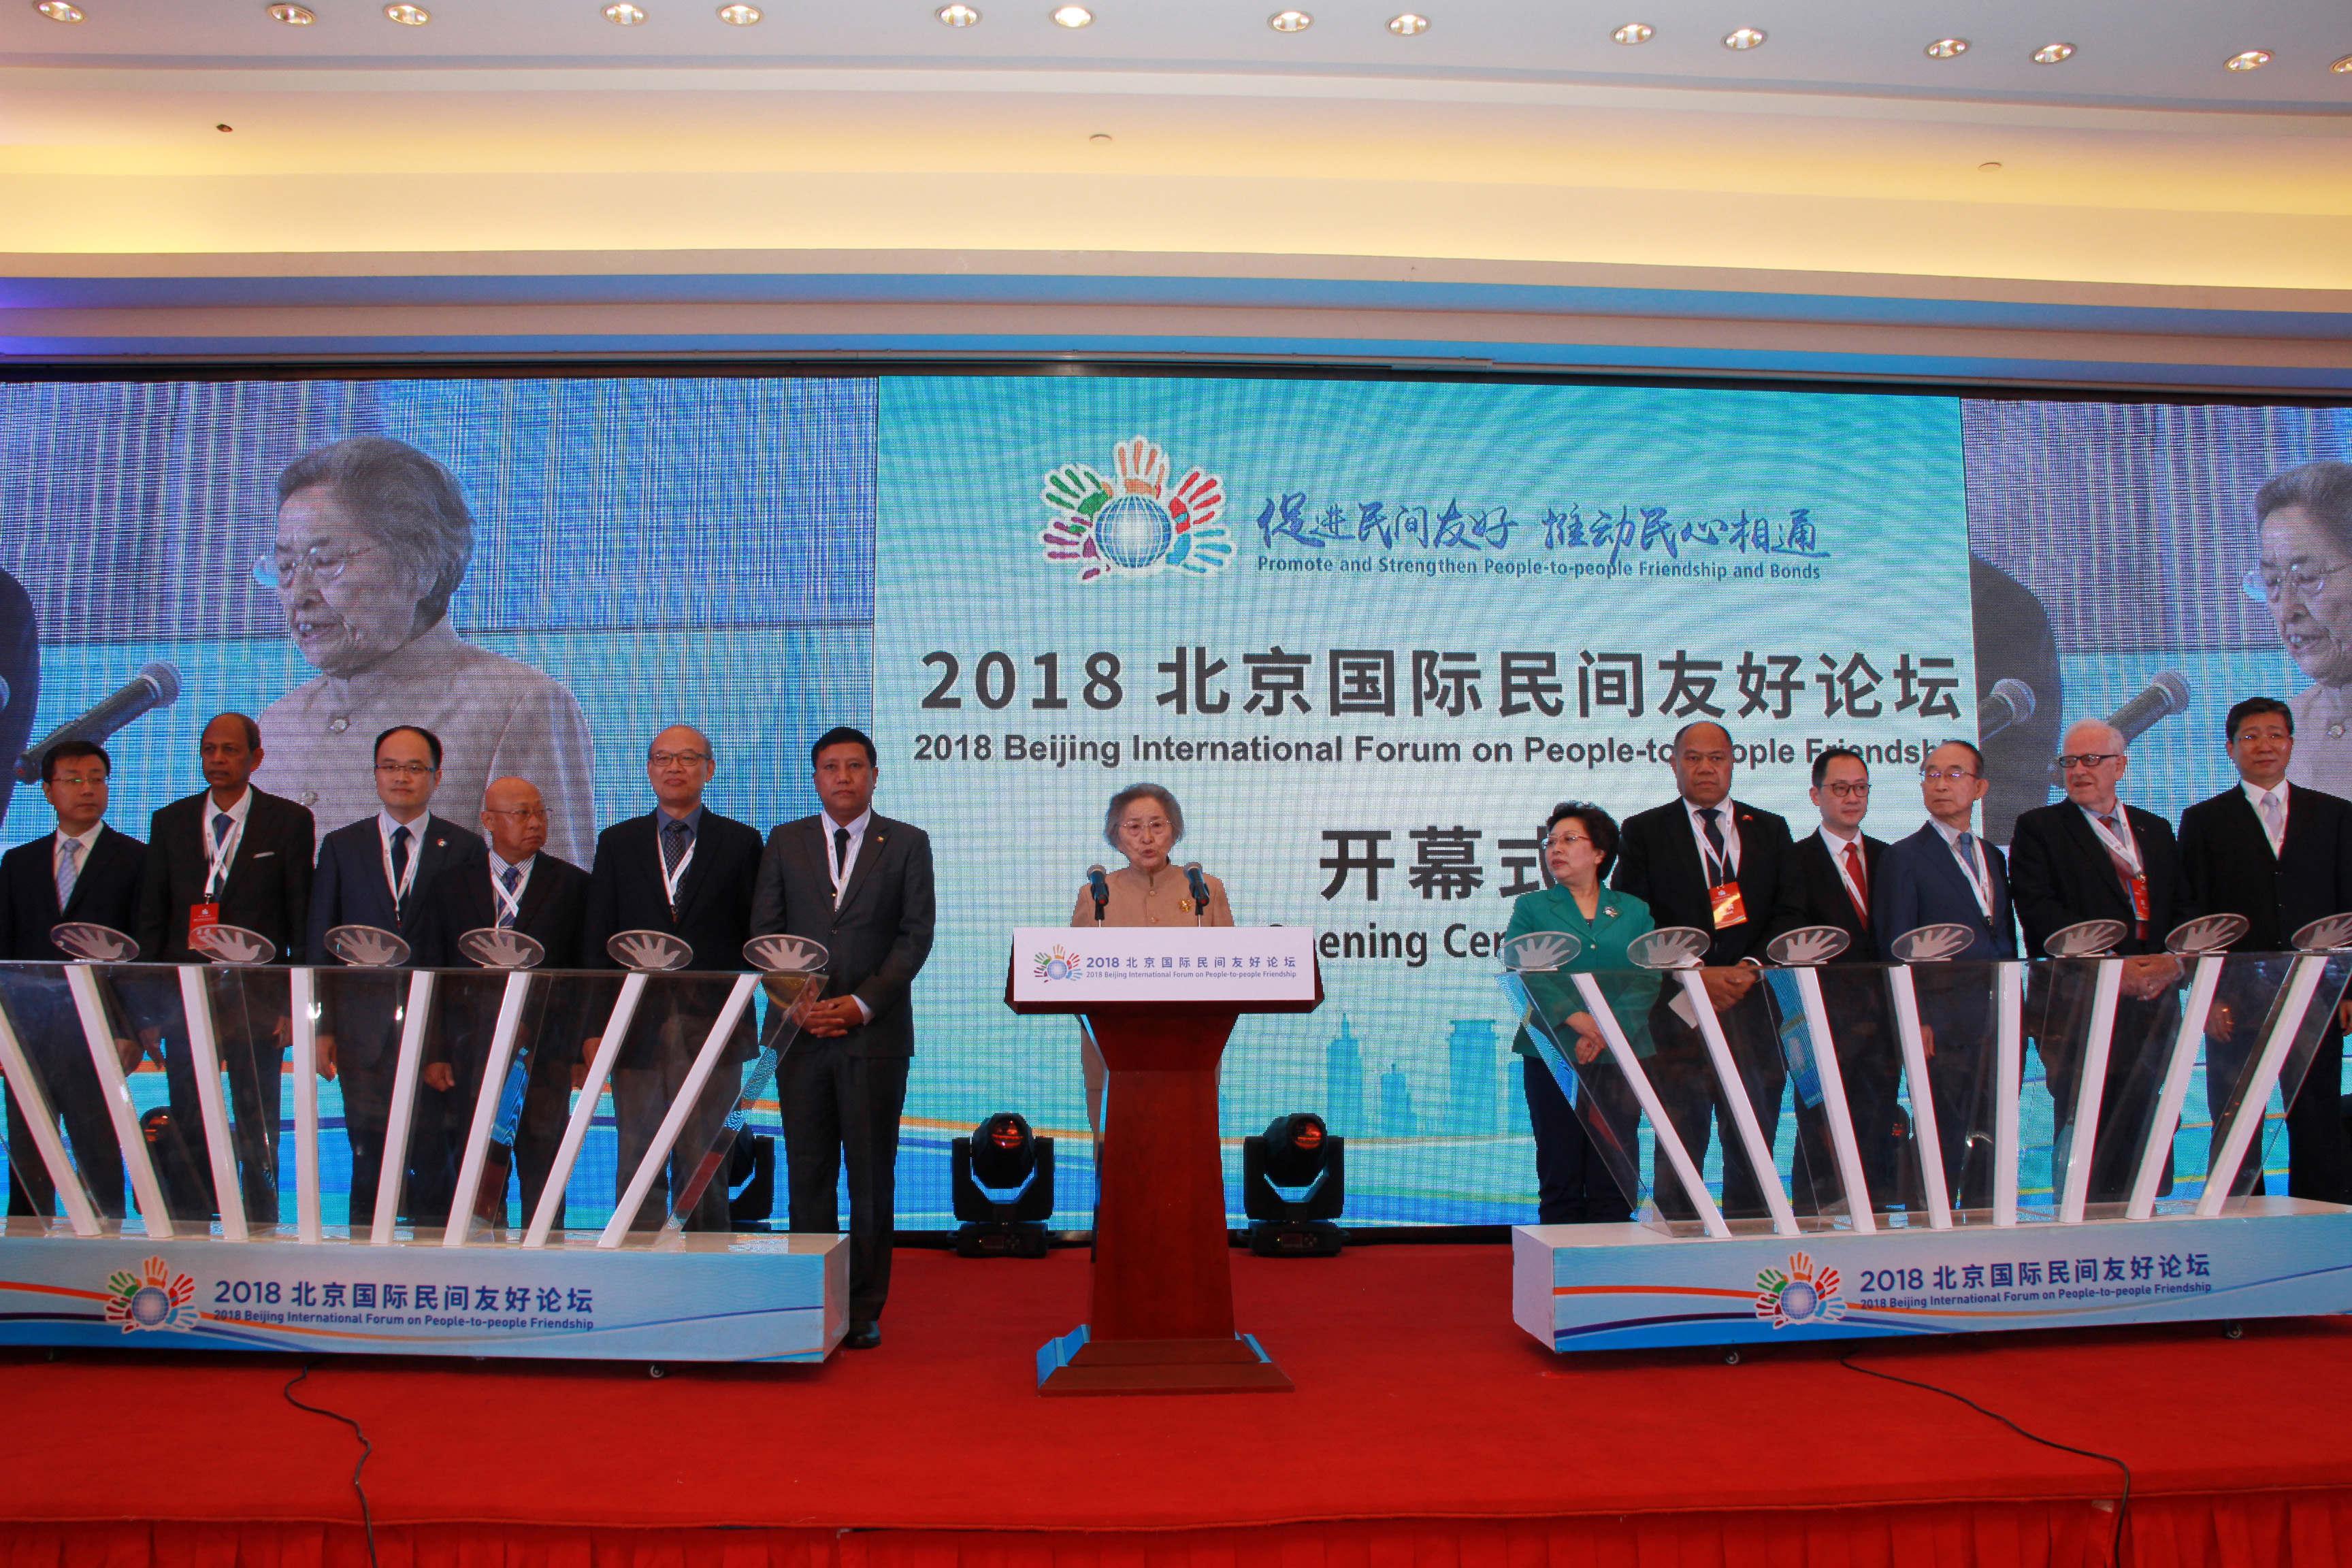 促进民间友好 推动民心相通——2018北京国际民间友好论坛在京举办